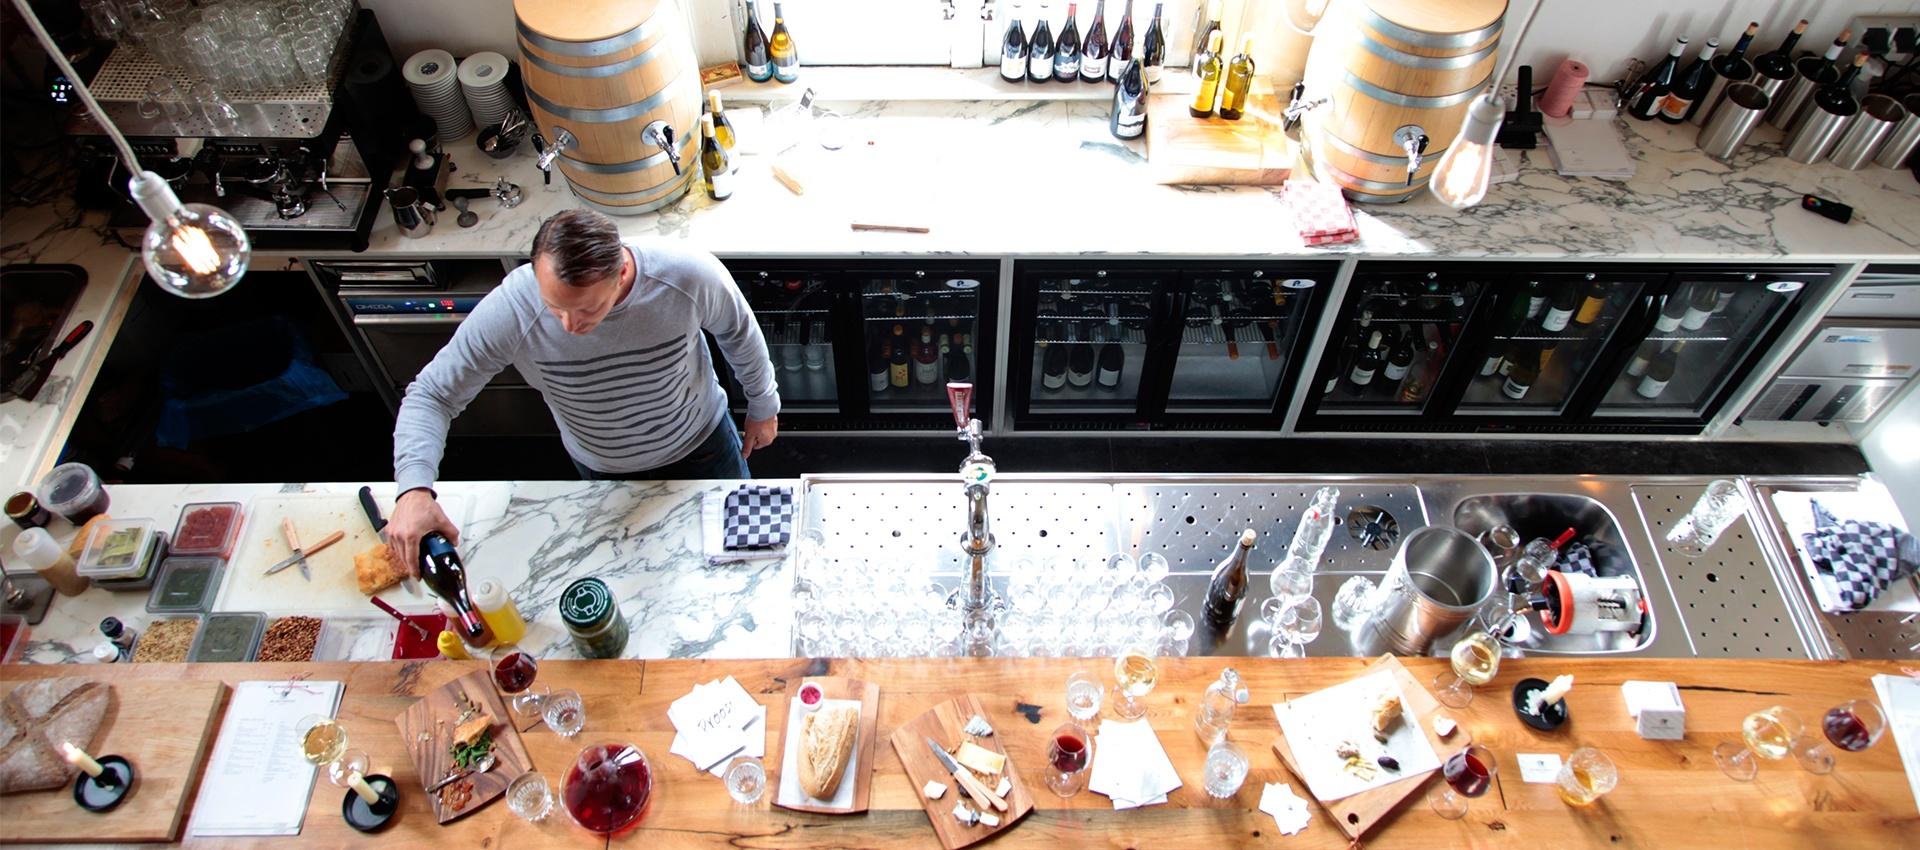 Wijnbar Amsterdam, wijnwinkel Amsterdam, Amsterdamse wijnjaren, hotspots Amsterdam, Wijn Spijs, Wine tour Amsterdam, drink Wine, witte wijn, rode wijn, wijnspots, Girls Who Drink Wine, vind hier een wijnwandeling langs de leukste wijnbarren van Amsterdam. Van West naar Oost, langs 8 gezellige wijnbarretjes. Je doet er ongeveer 2,5 uur over, dus naast het feit dat je door prachtig Amsterdam loopt, verbrand je die wijntjes je gelijk weer (deels). Win win!